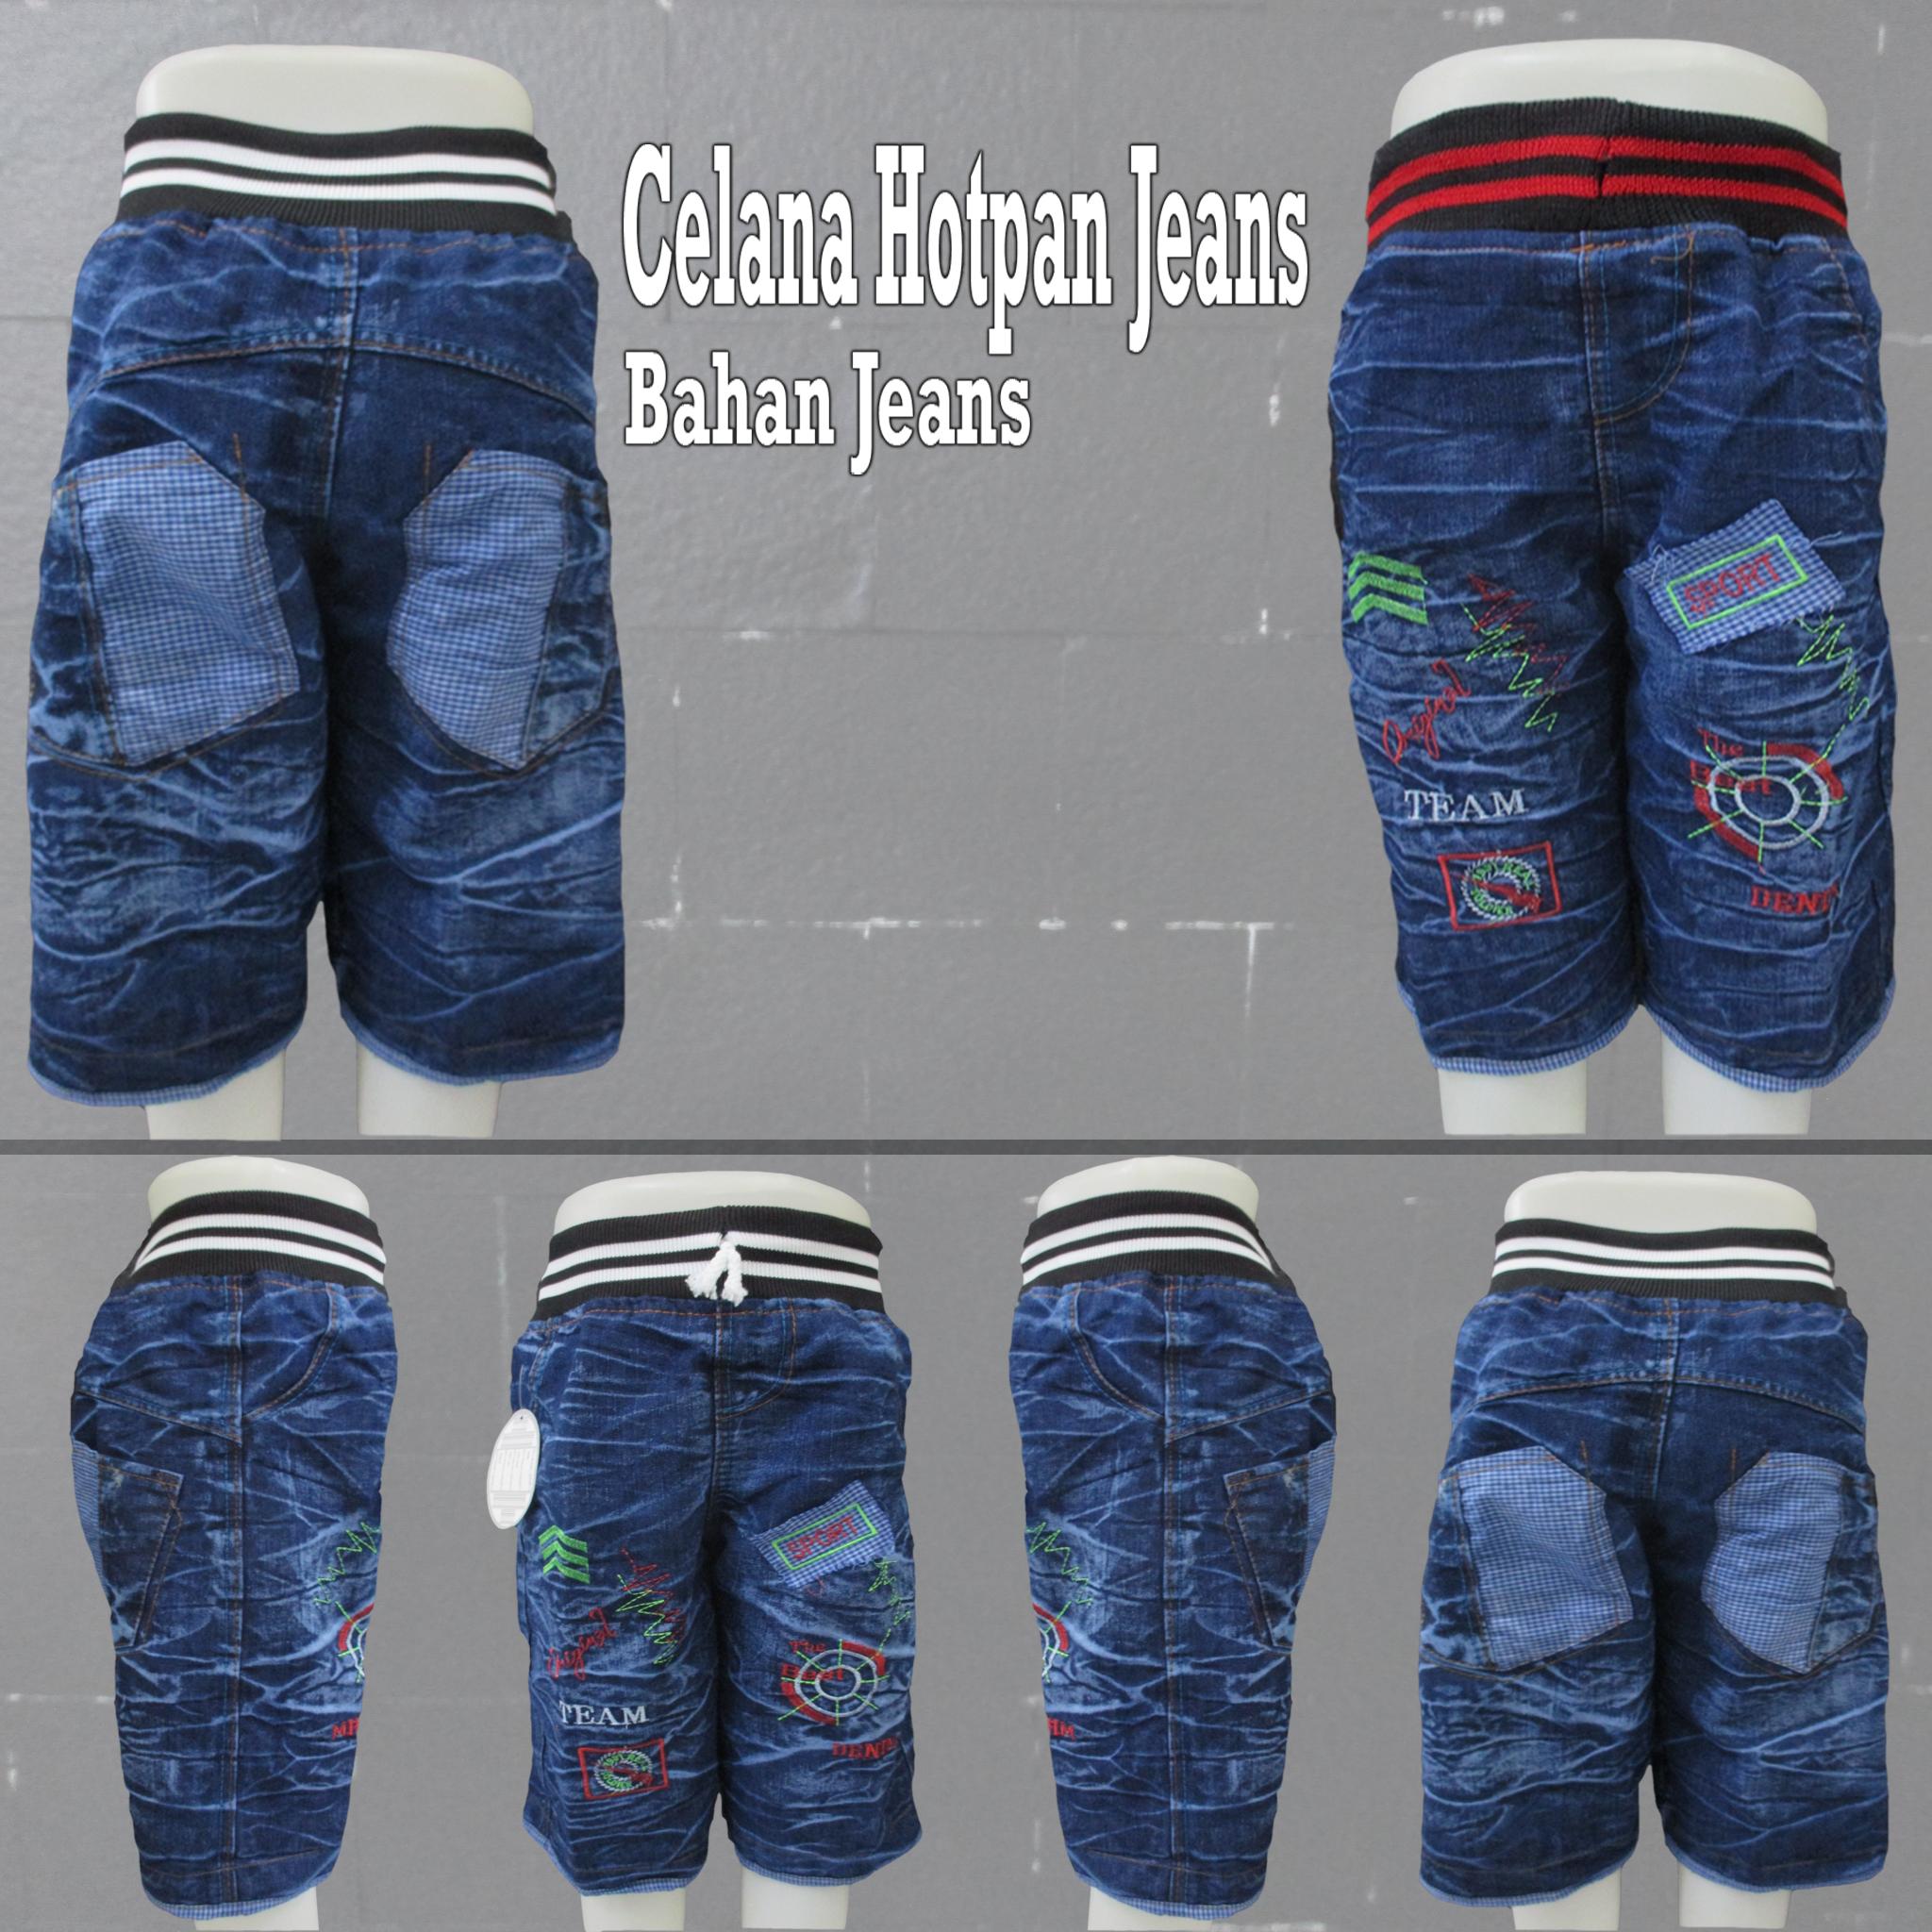 Pusat Grosir Baju Murah Solo Klewer 2018 Sentra Grosir Celana Jeans Anak Murah 32ribuan